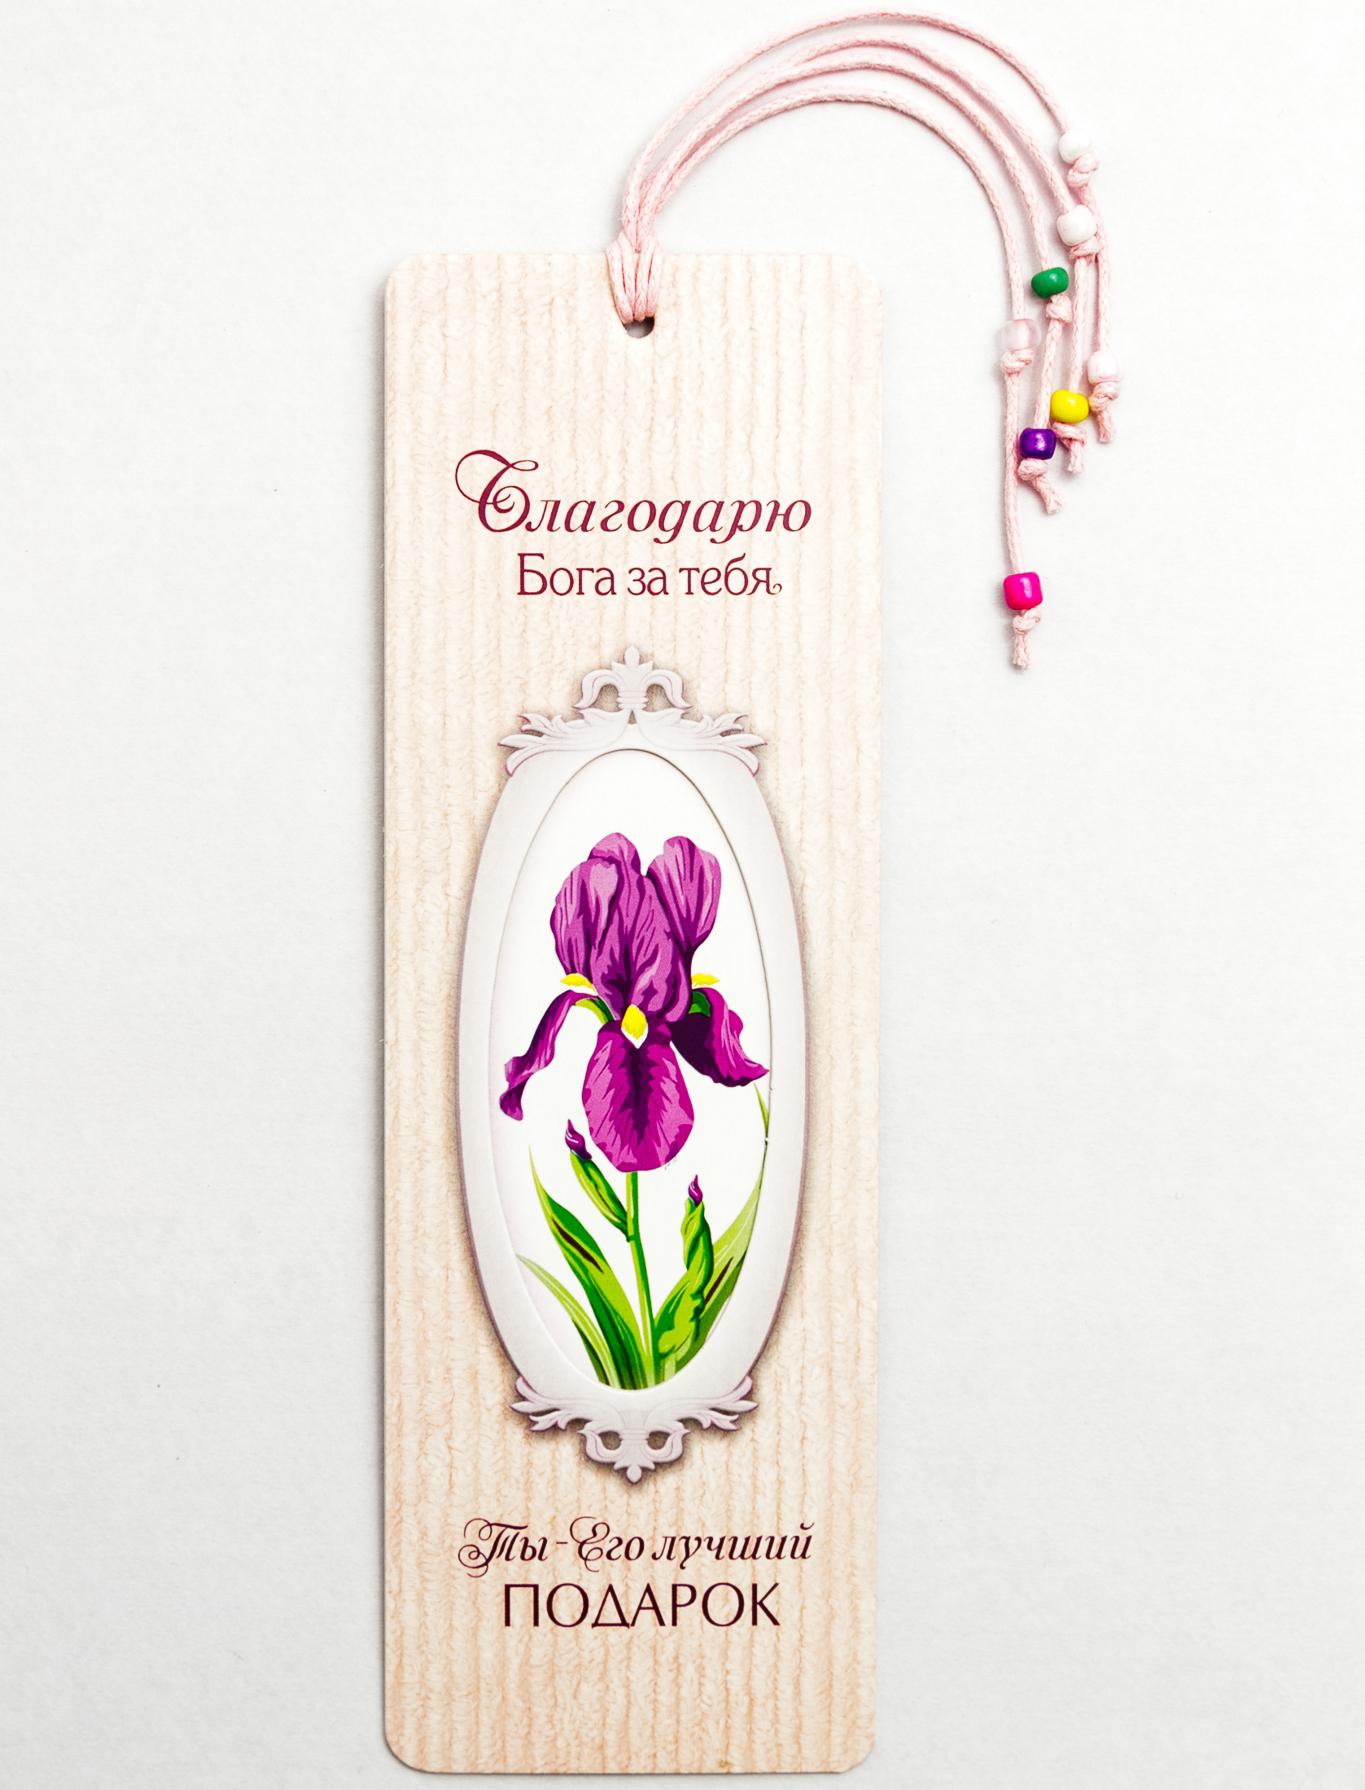 Подарок богов фанфик по фэндому «Сверхъестественное «Роулинг Джоан 25